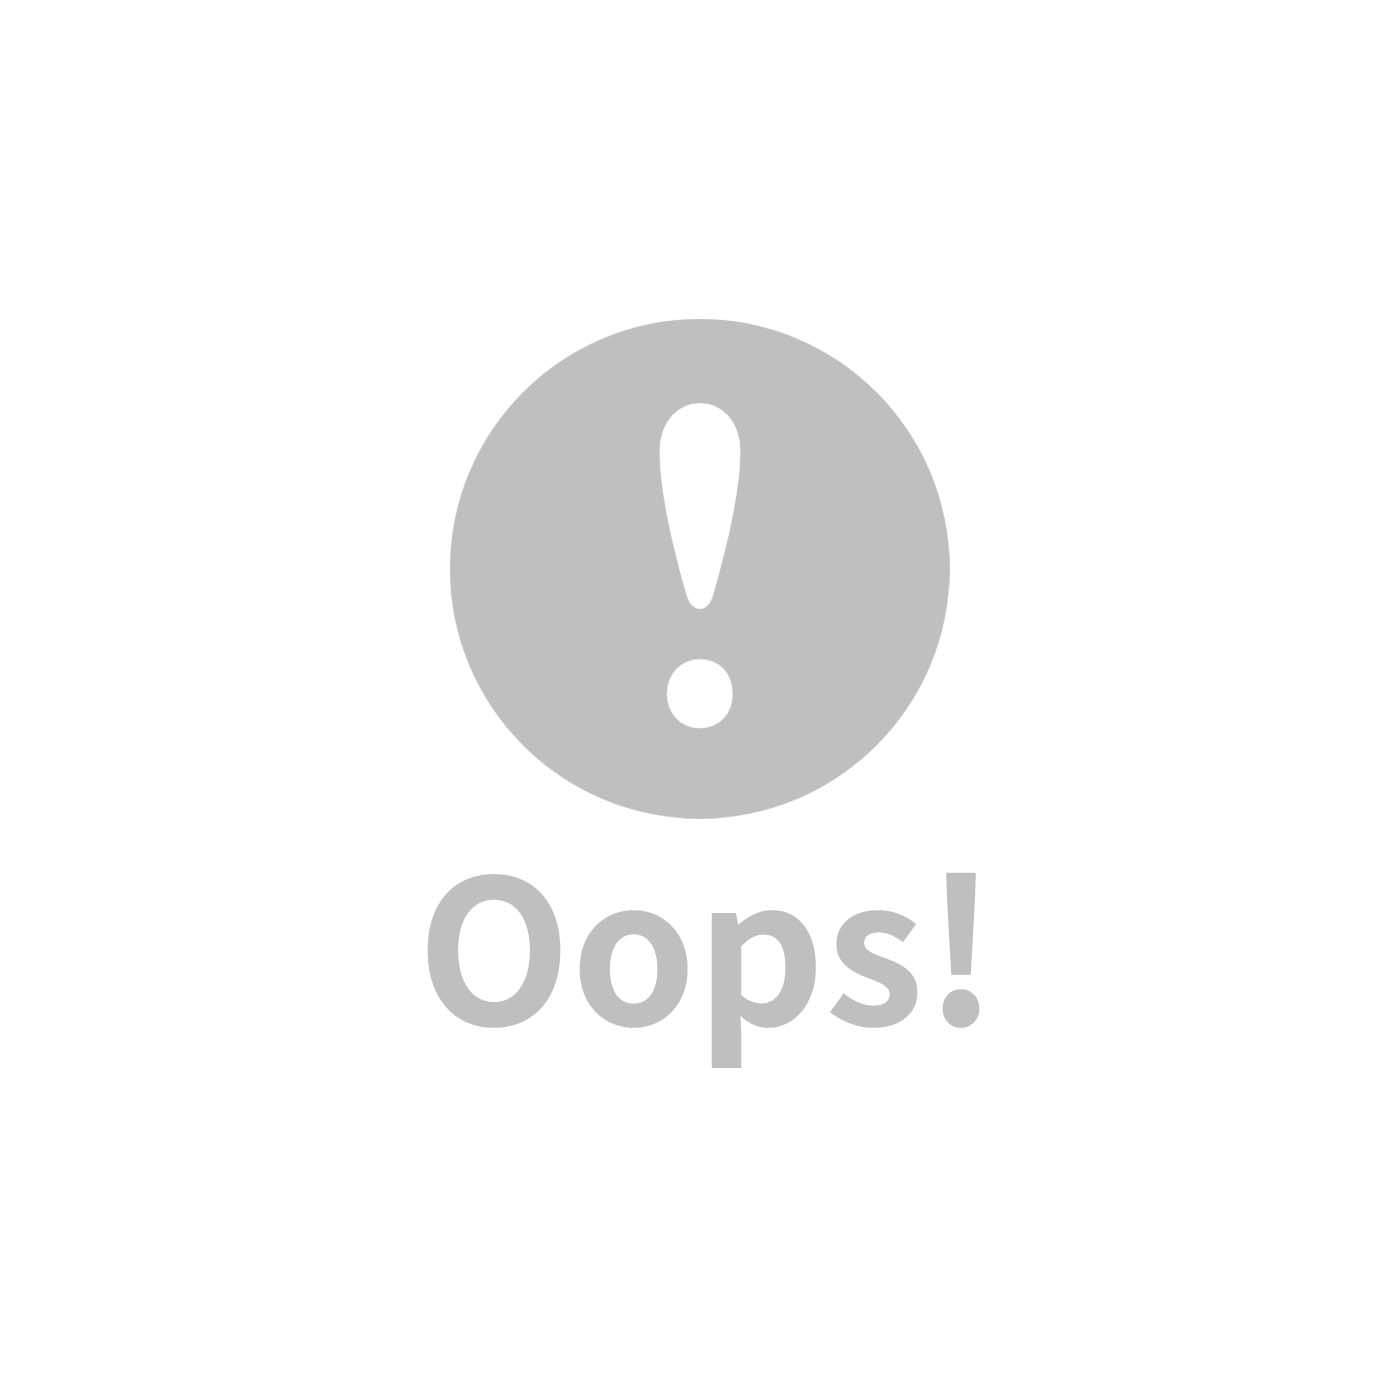 global affairs 童話手工編織安撫奶嘴夾_海洋系列(熱帶小魚)